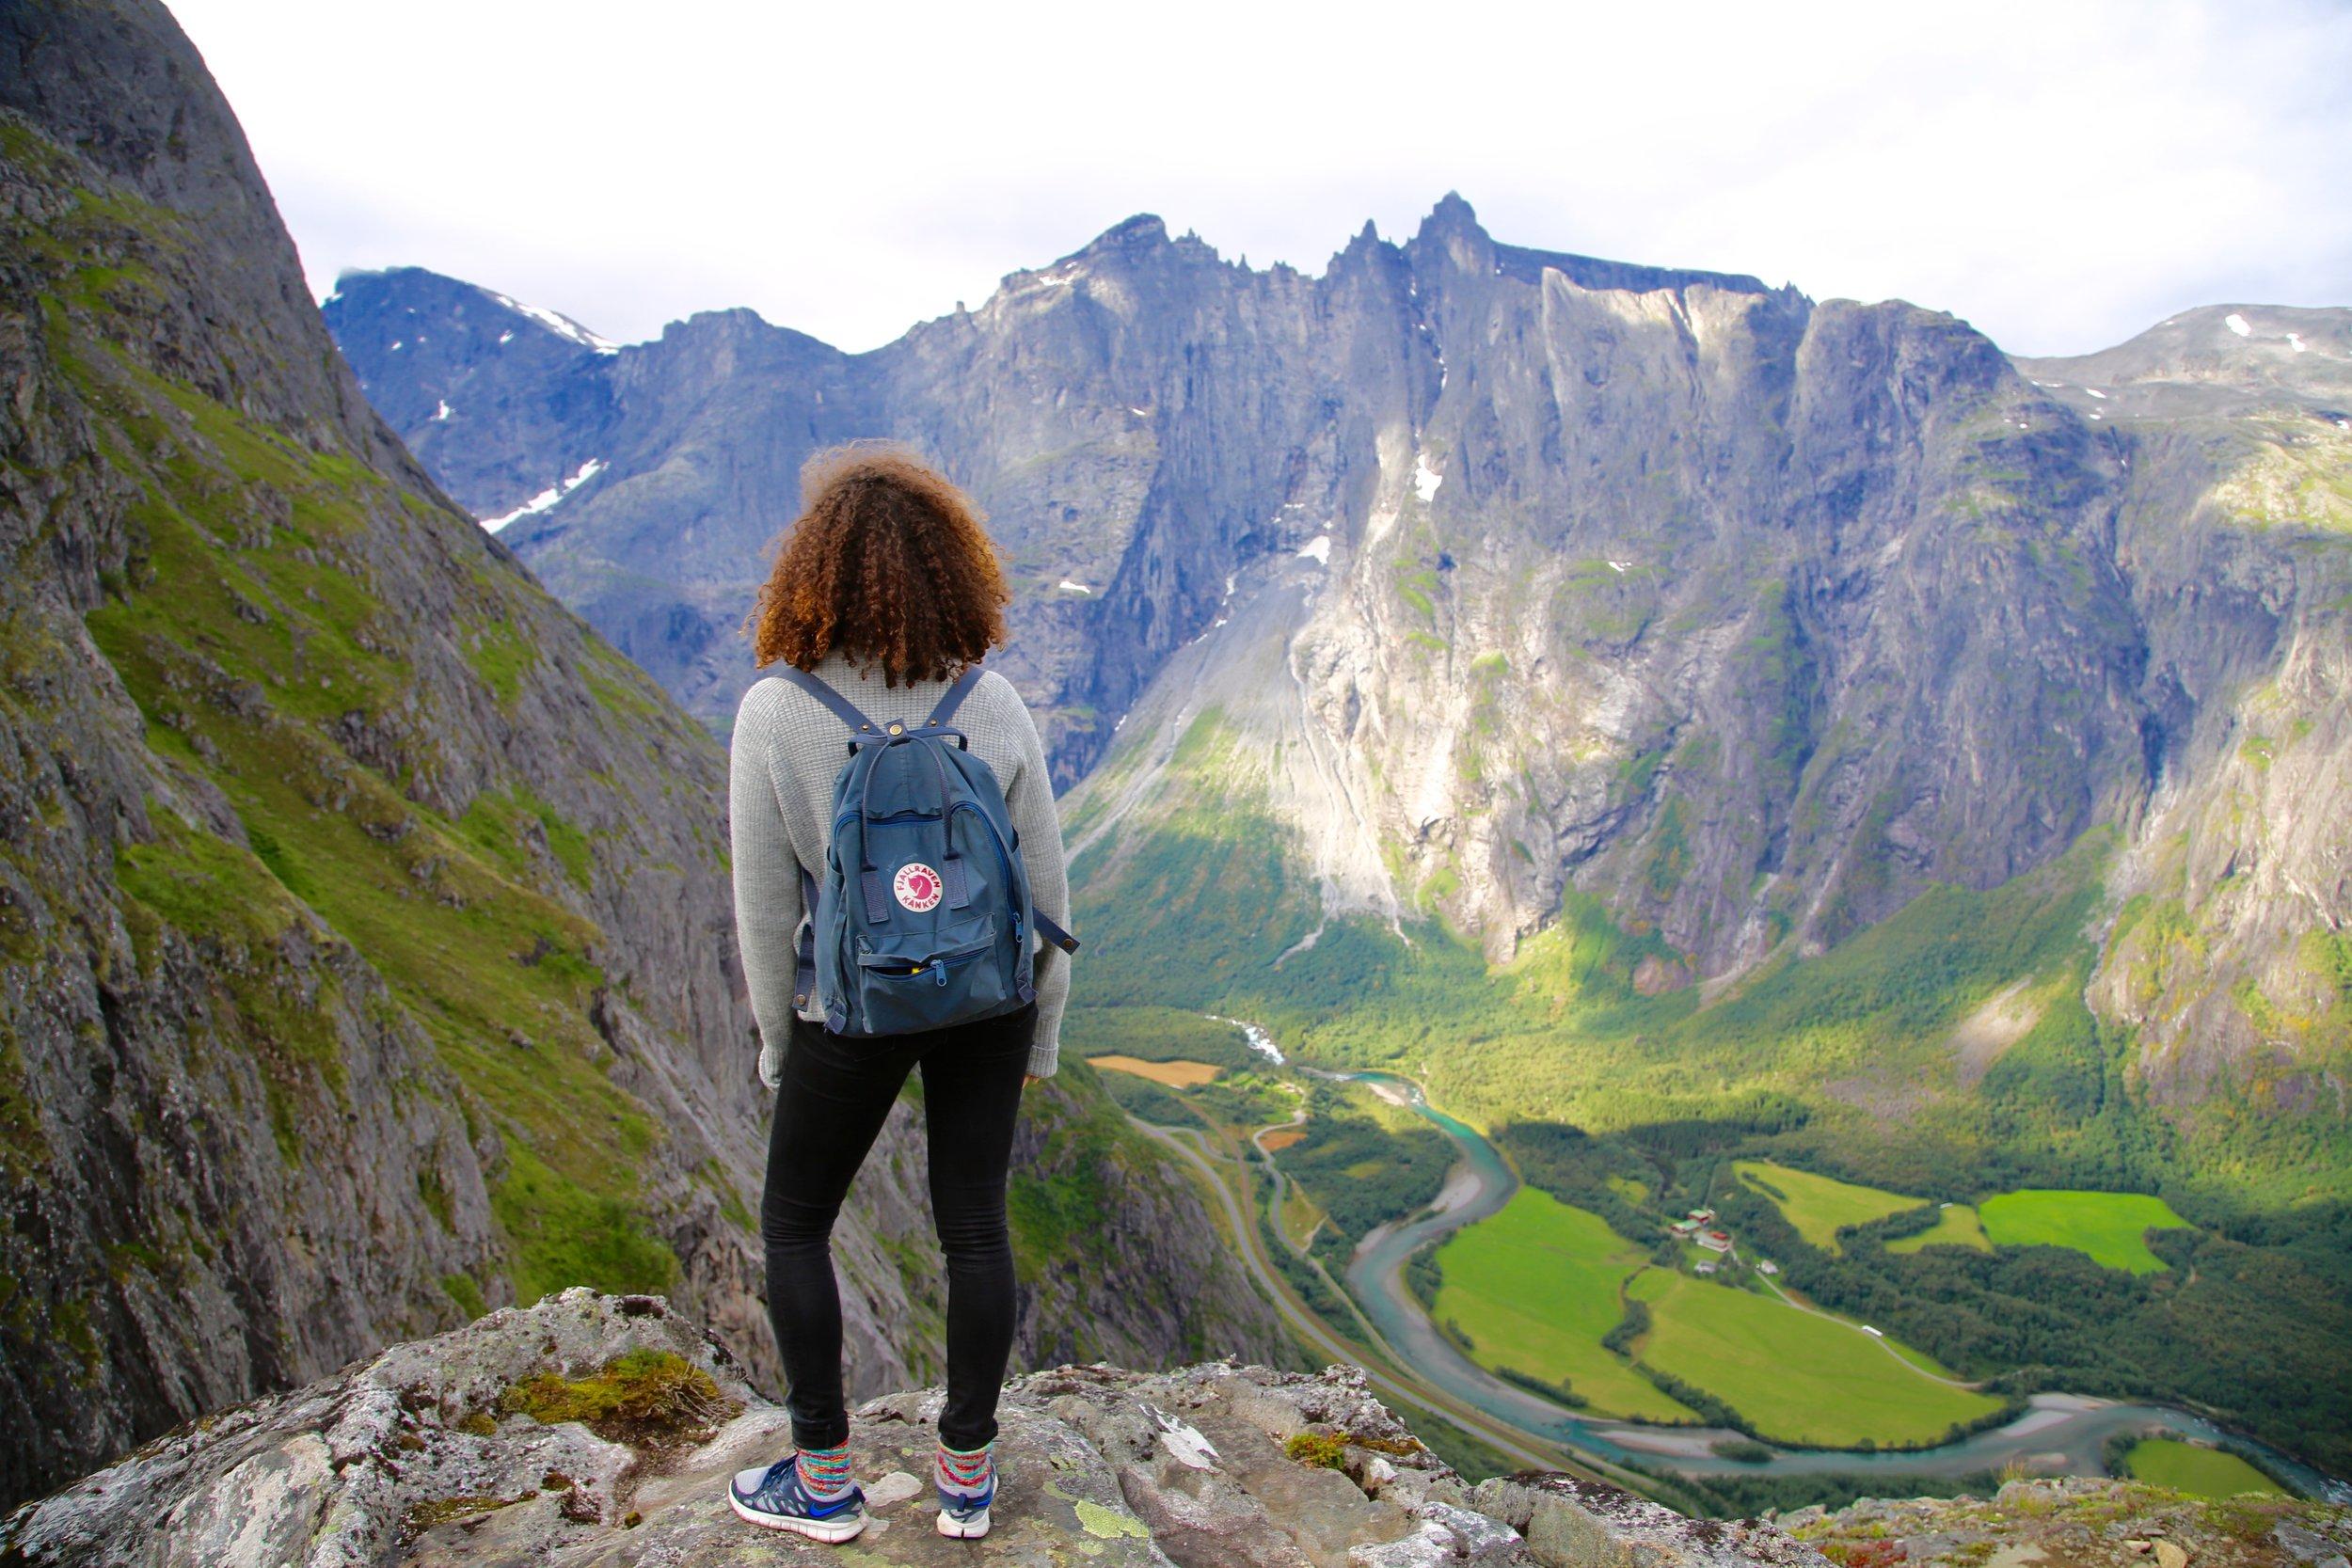 Du må komme til Rauma for å oppleve. Men i fremtiden trenger du ikke selv å dra til fjells. Foto: Odd Roar Lange